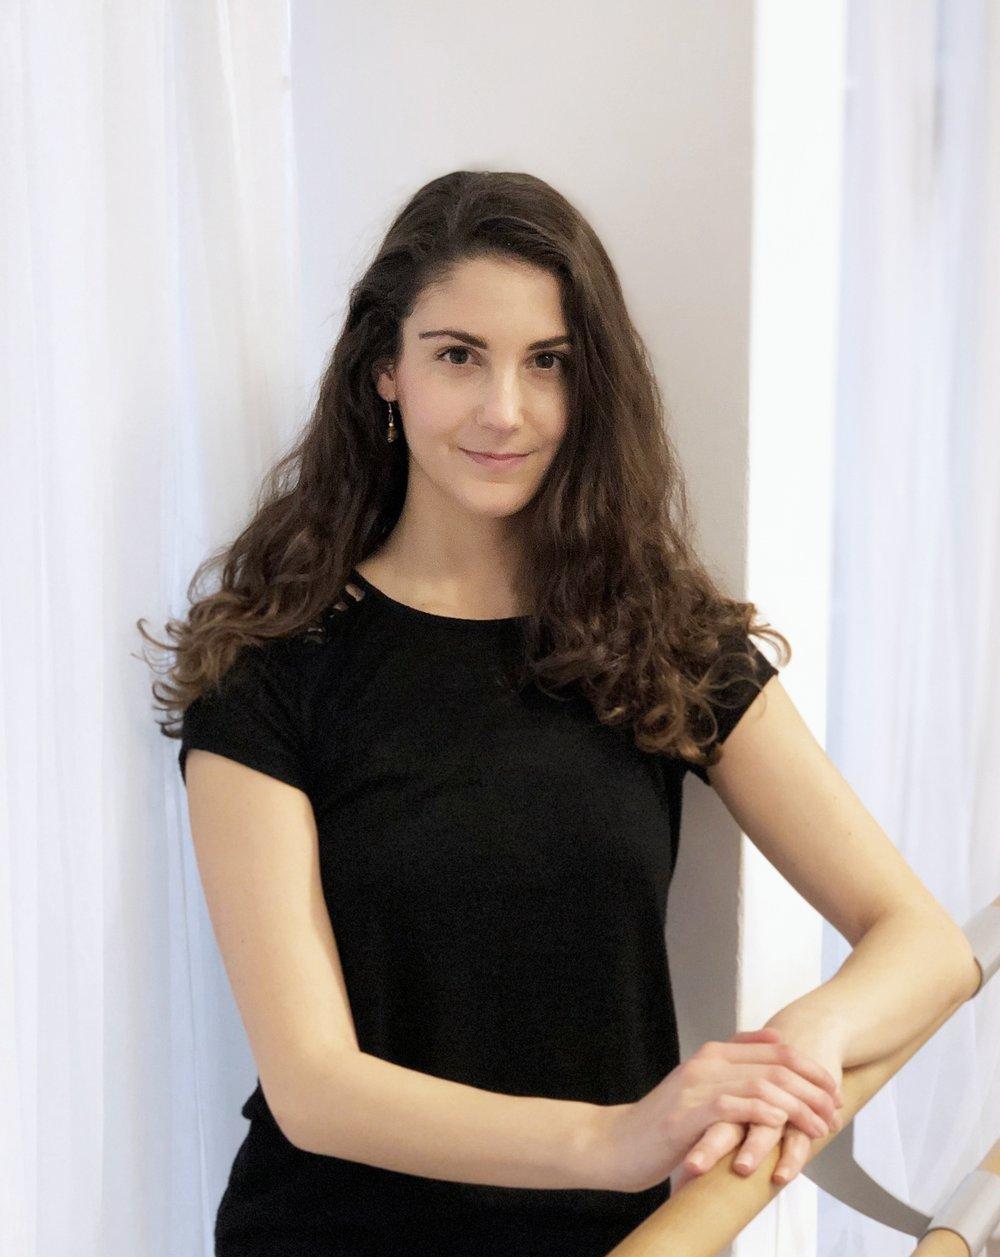 """CLAUDIA LANTINI - Claudia is balletdocente en deed haar opleiding aan CODARTS Rotterdam Dance Academy en Mimma Testa in Rome, waar ze is geboren. Ze heeft beroepservaring bij gezelschappen als International Dance Theater of Amsterdam en Stichting ENS. Naast haar huidige baan bij Stichting ENS en Zhembrovskyy, werkt zij samen met internationale choreografen als Laura Bernasconi.Claudia is een van de meest recente aanwinsten binnen het Zhembrovskyy-team waar ze begon als gastdocente. Met haar energie en enthousiasme heeft ze nu een vaste positie als balletdocente geaccepteerd.""""Dansen was altijd al mijn passie en ik geniet ervan mijn passie met anderen te delen. Mijn kennis op iemand over te dragen en ze dan lachend naar huis te zien gaan, voelt gewoon geweldig. Het is alsof ik ze zojuist een stukje van mezelf heb gegeven en dat maakt hun en mij gelukkig!"""""""